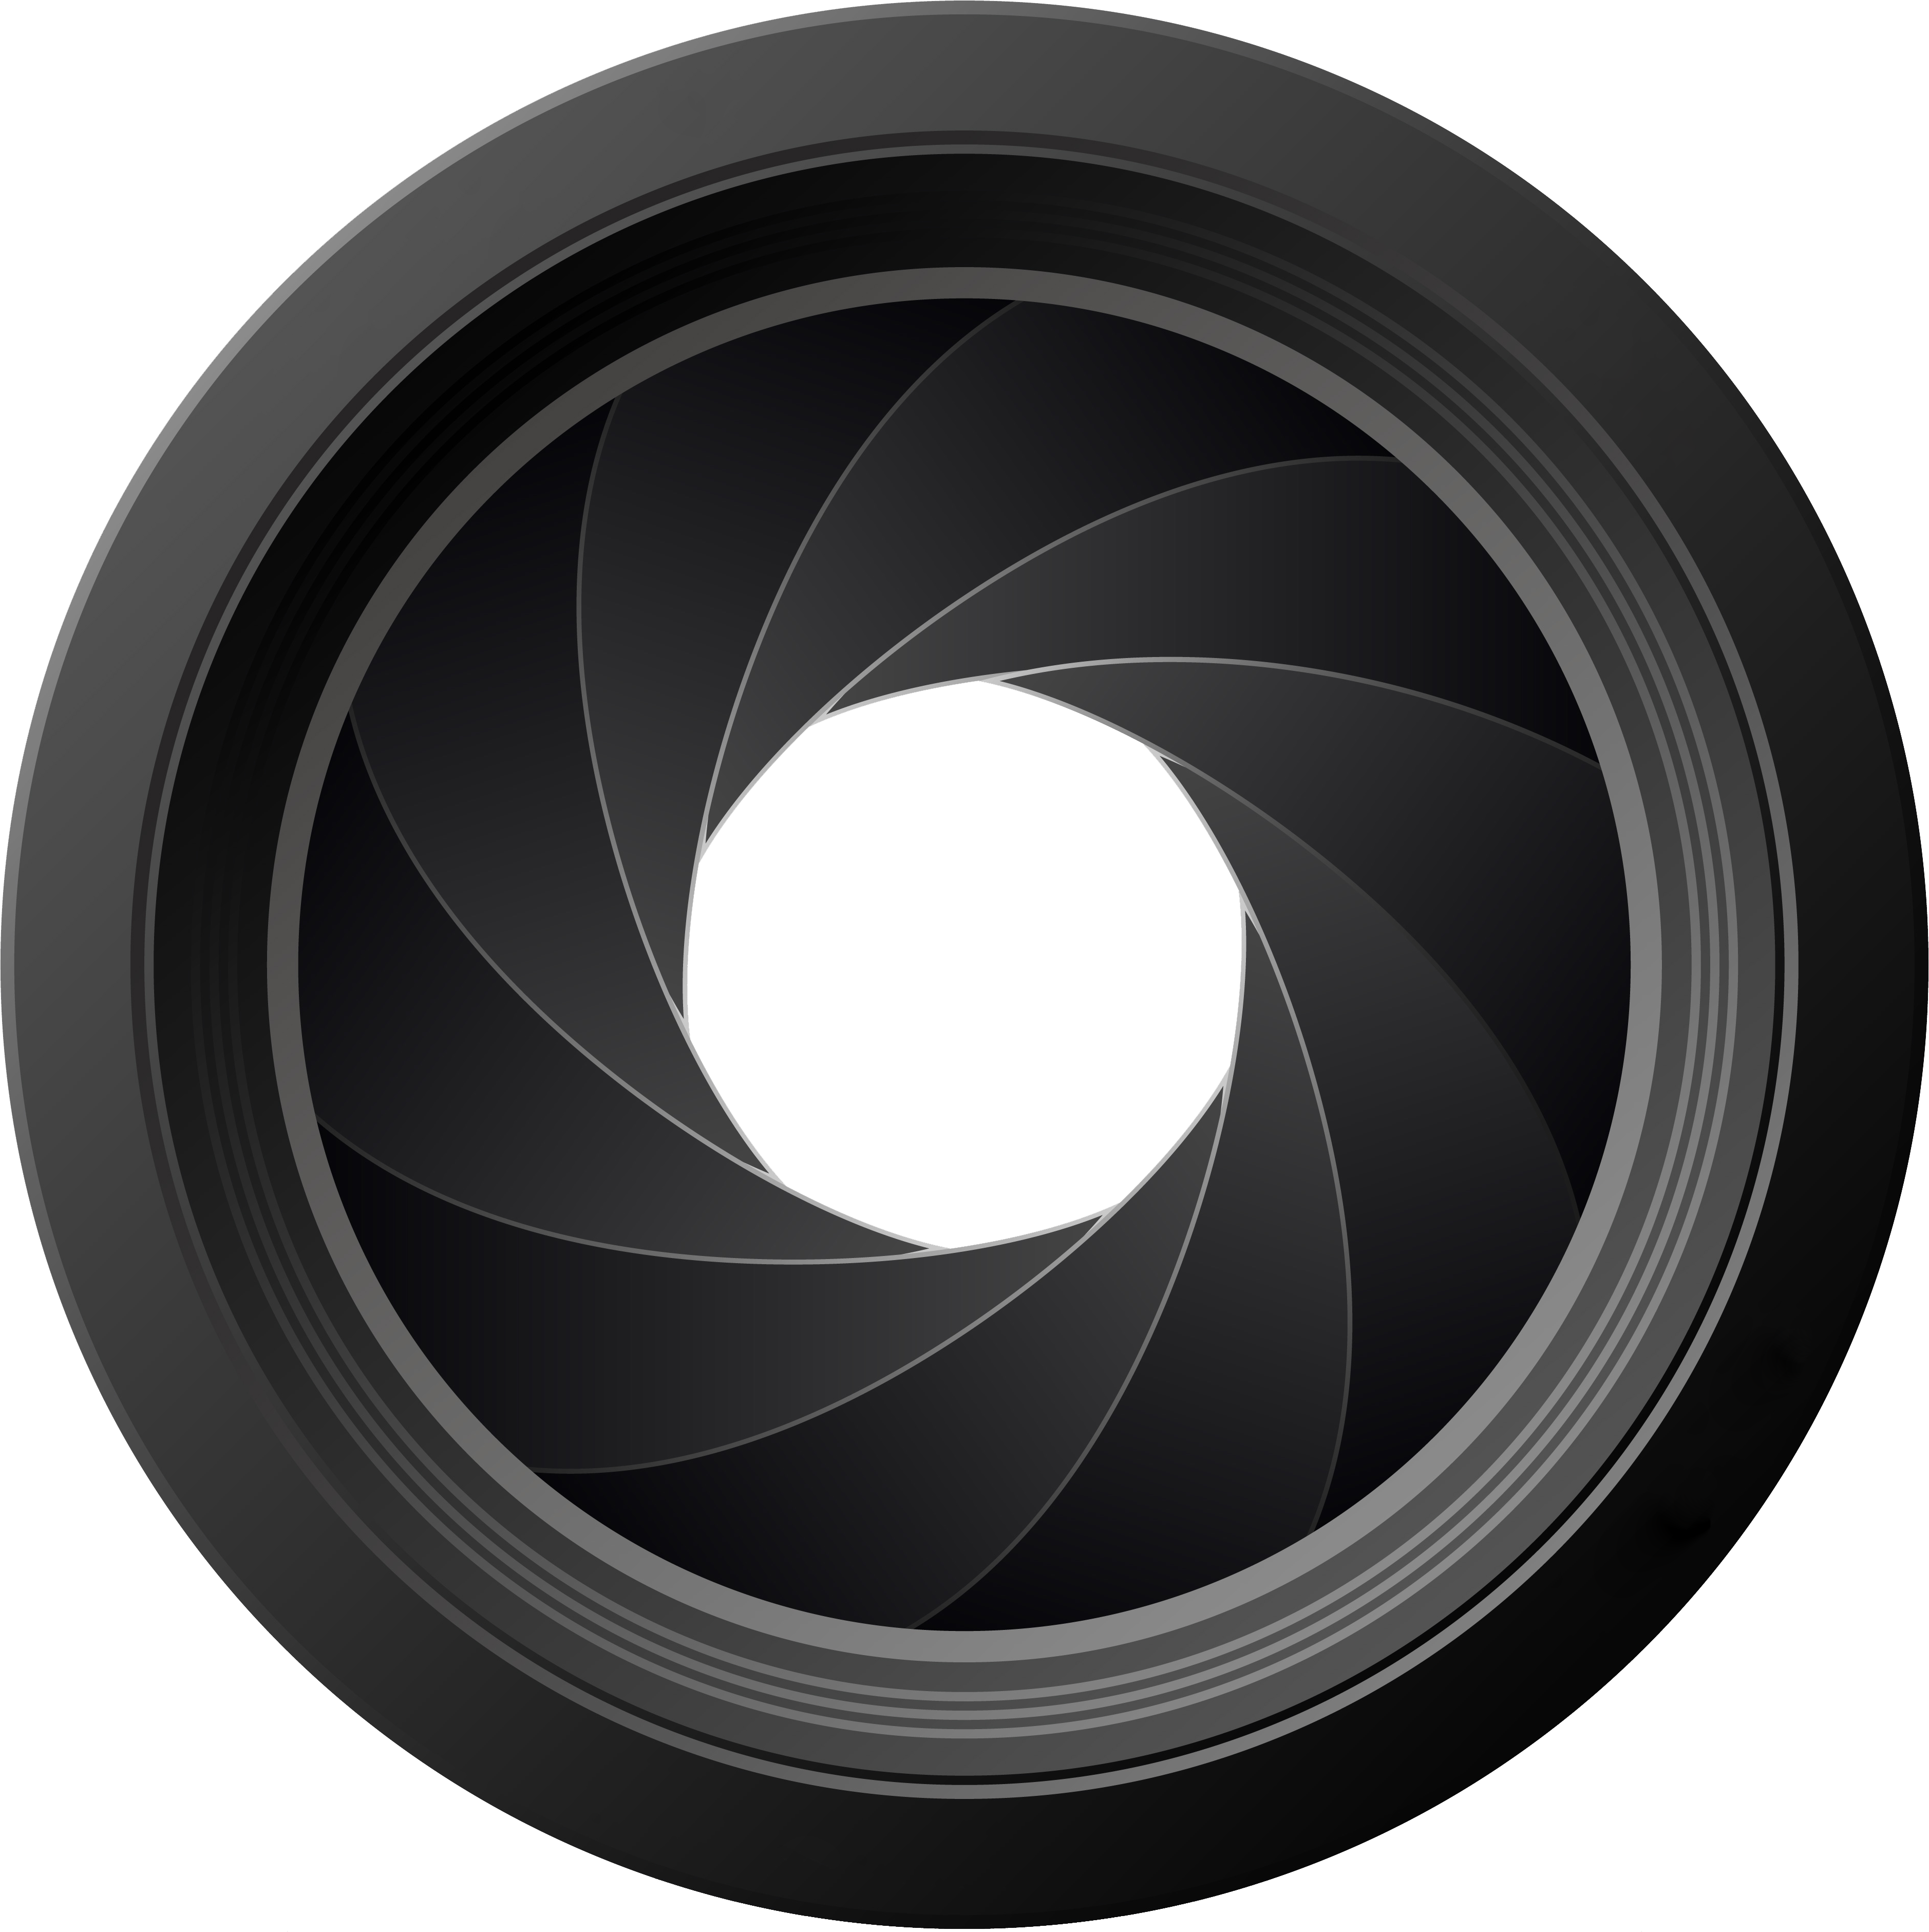 создание логотипа для фотографа указанное постановлении время